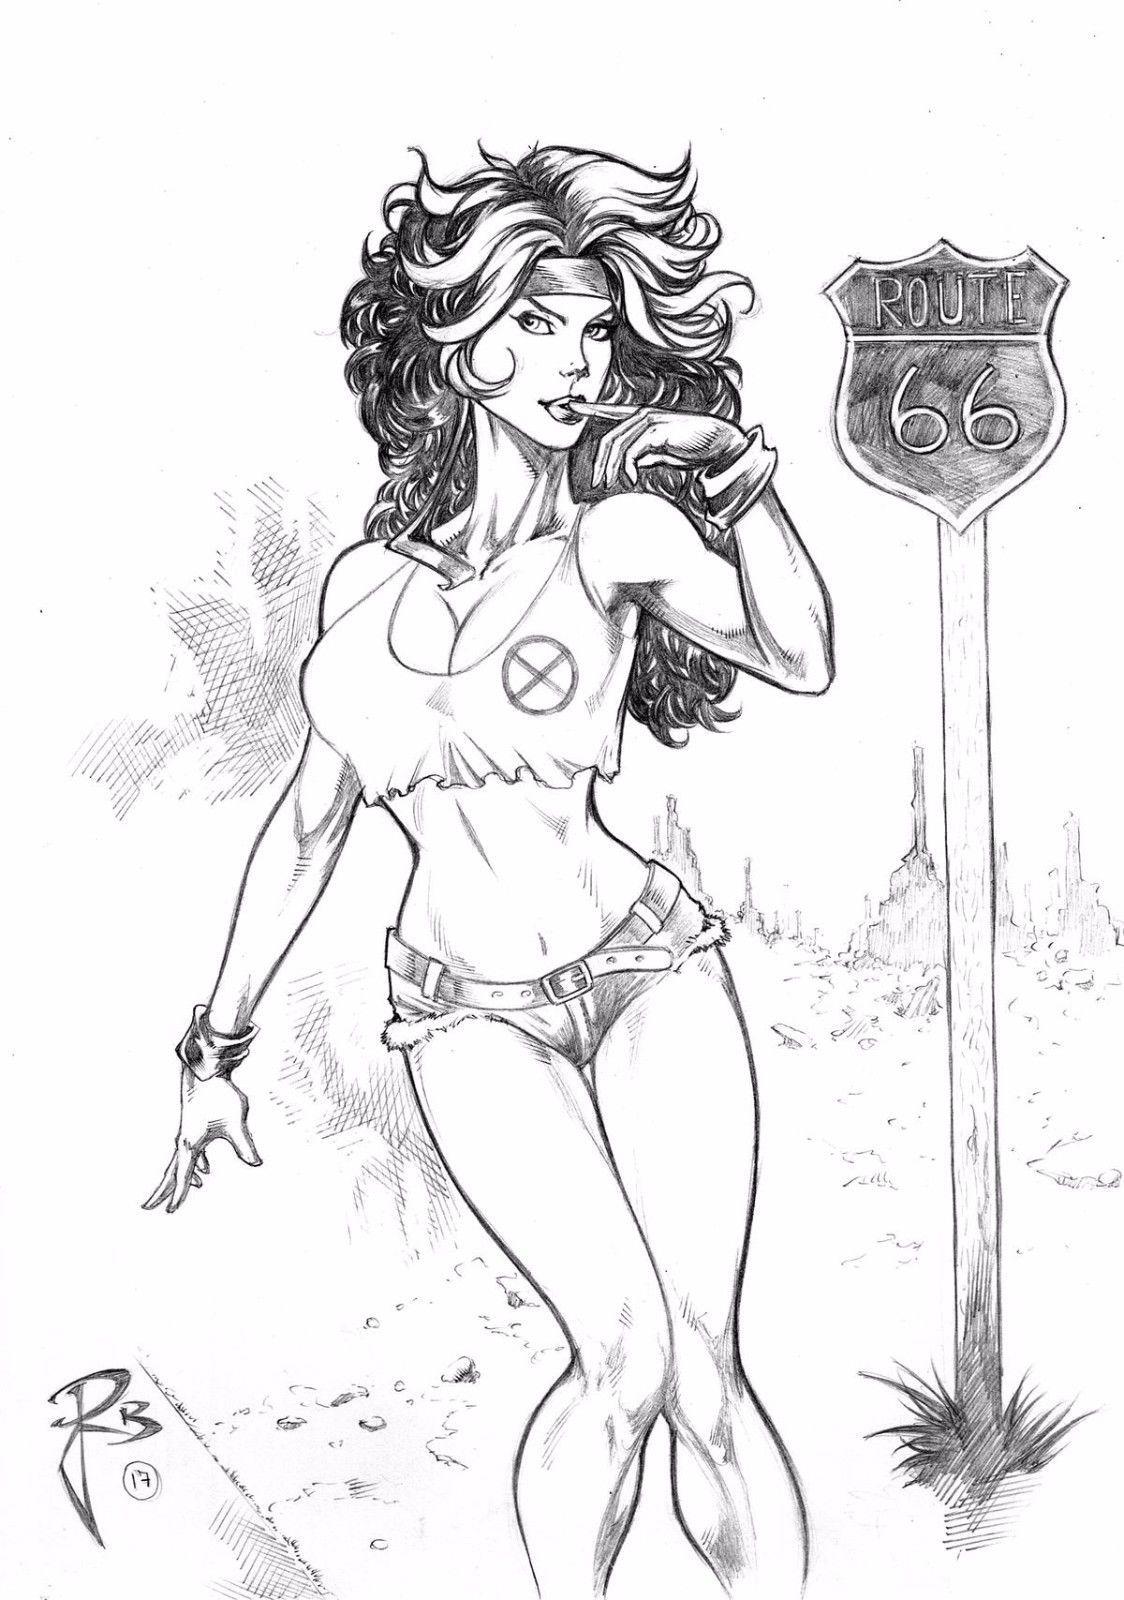 Rogue 09 X 12 By Jailton Rabelo Ed Benes Studio Ebay Rogues Drawings Super Heroine